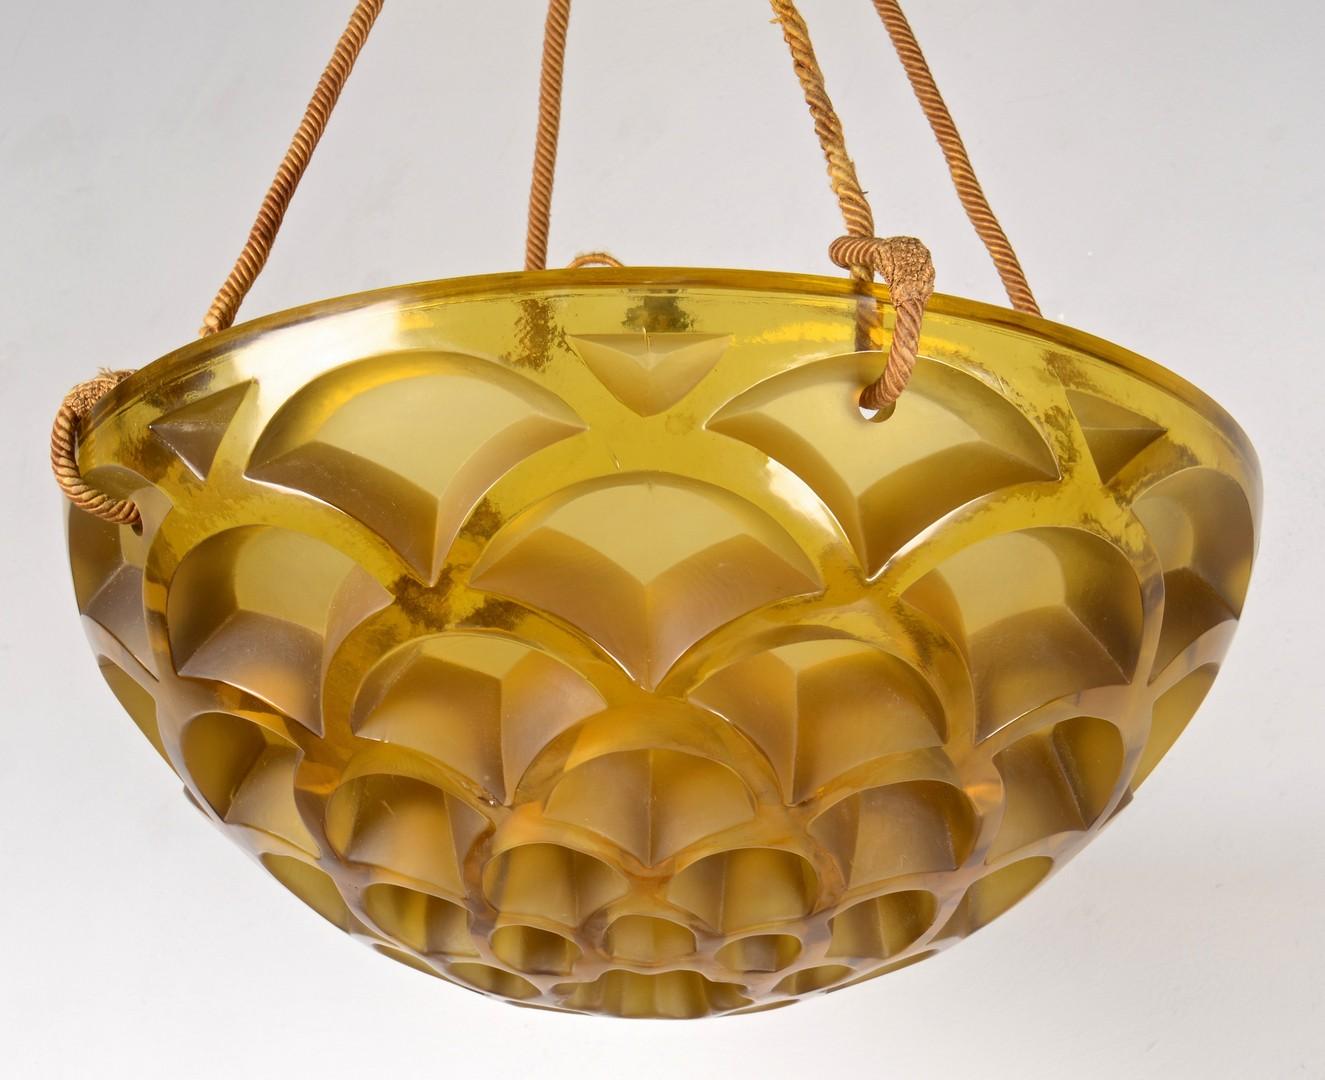 Lot 330: R. Lalique Rinceaux Chandelier, Honey Comb Pattern